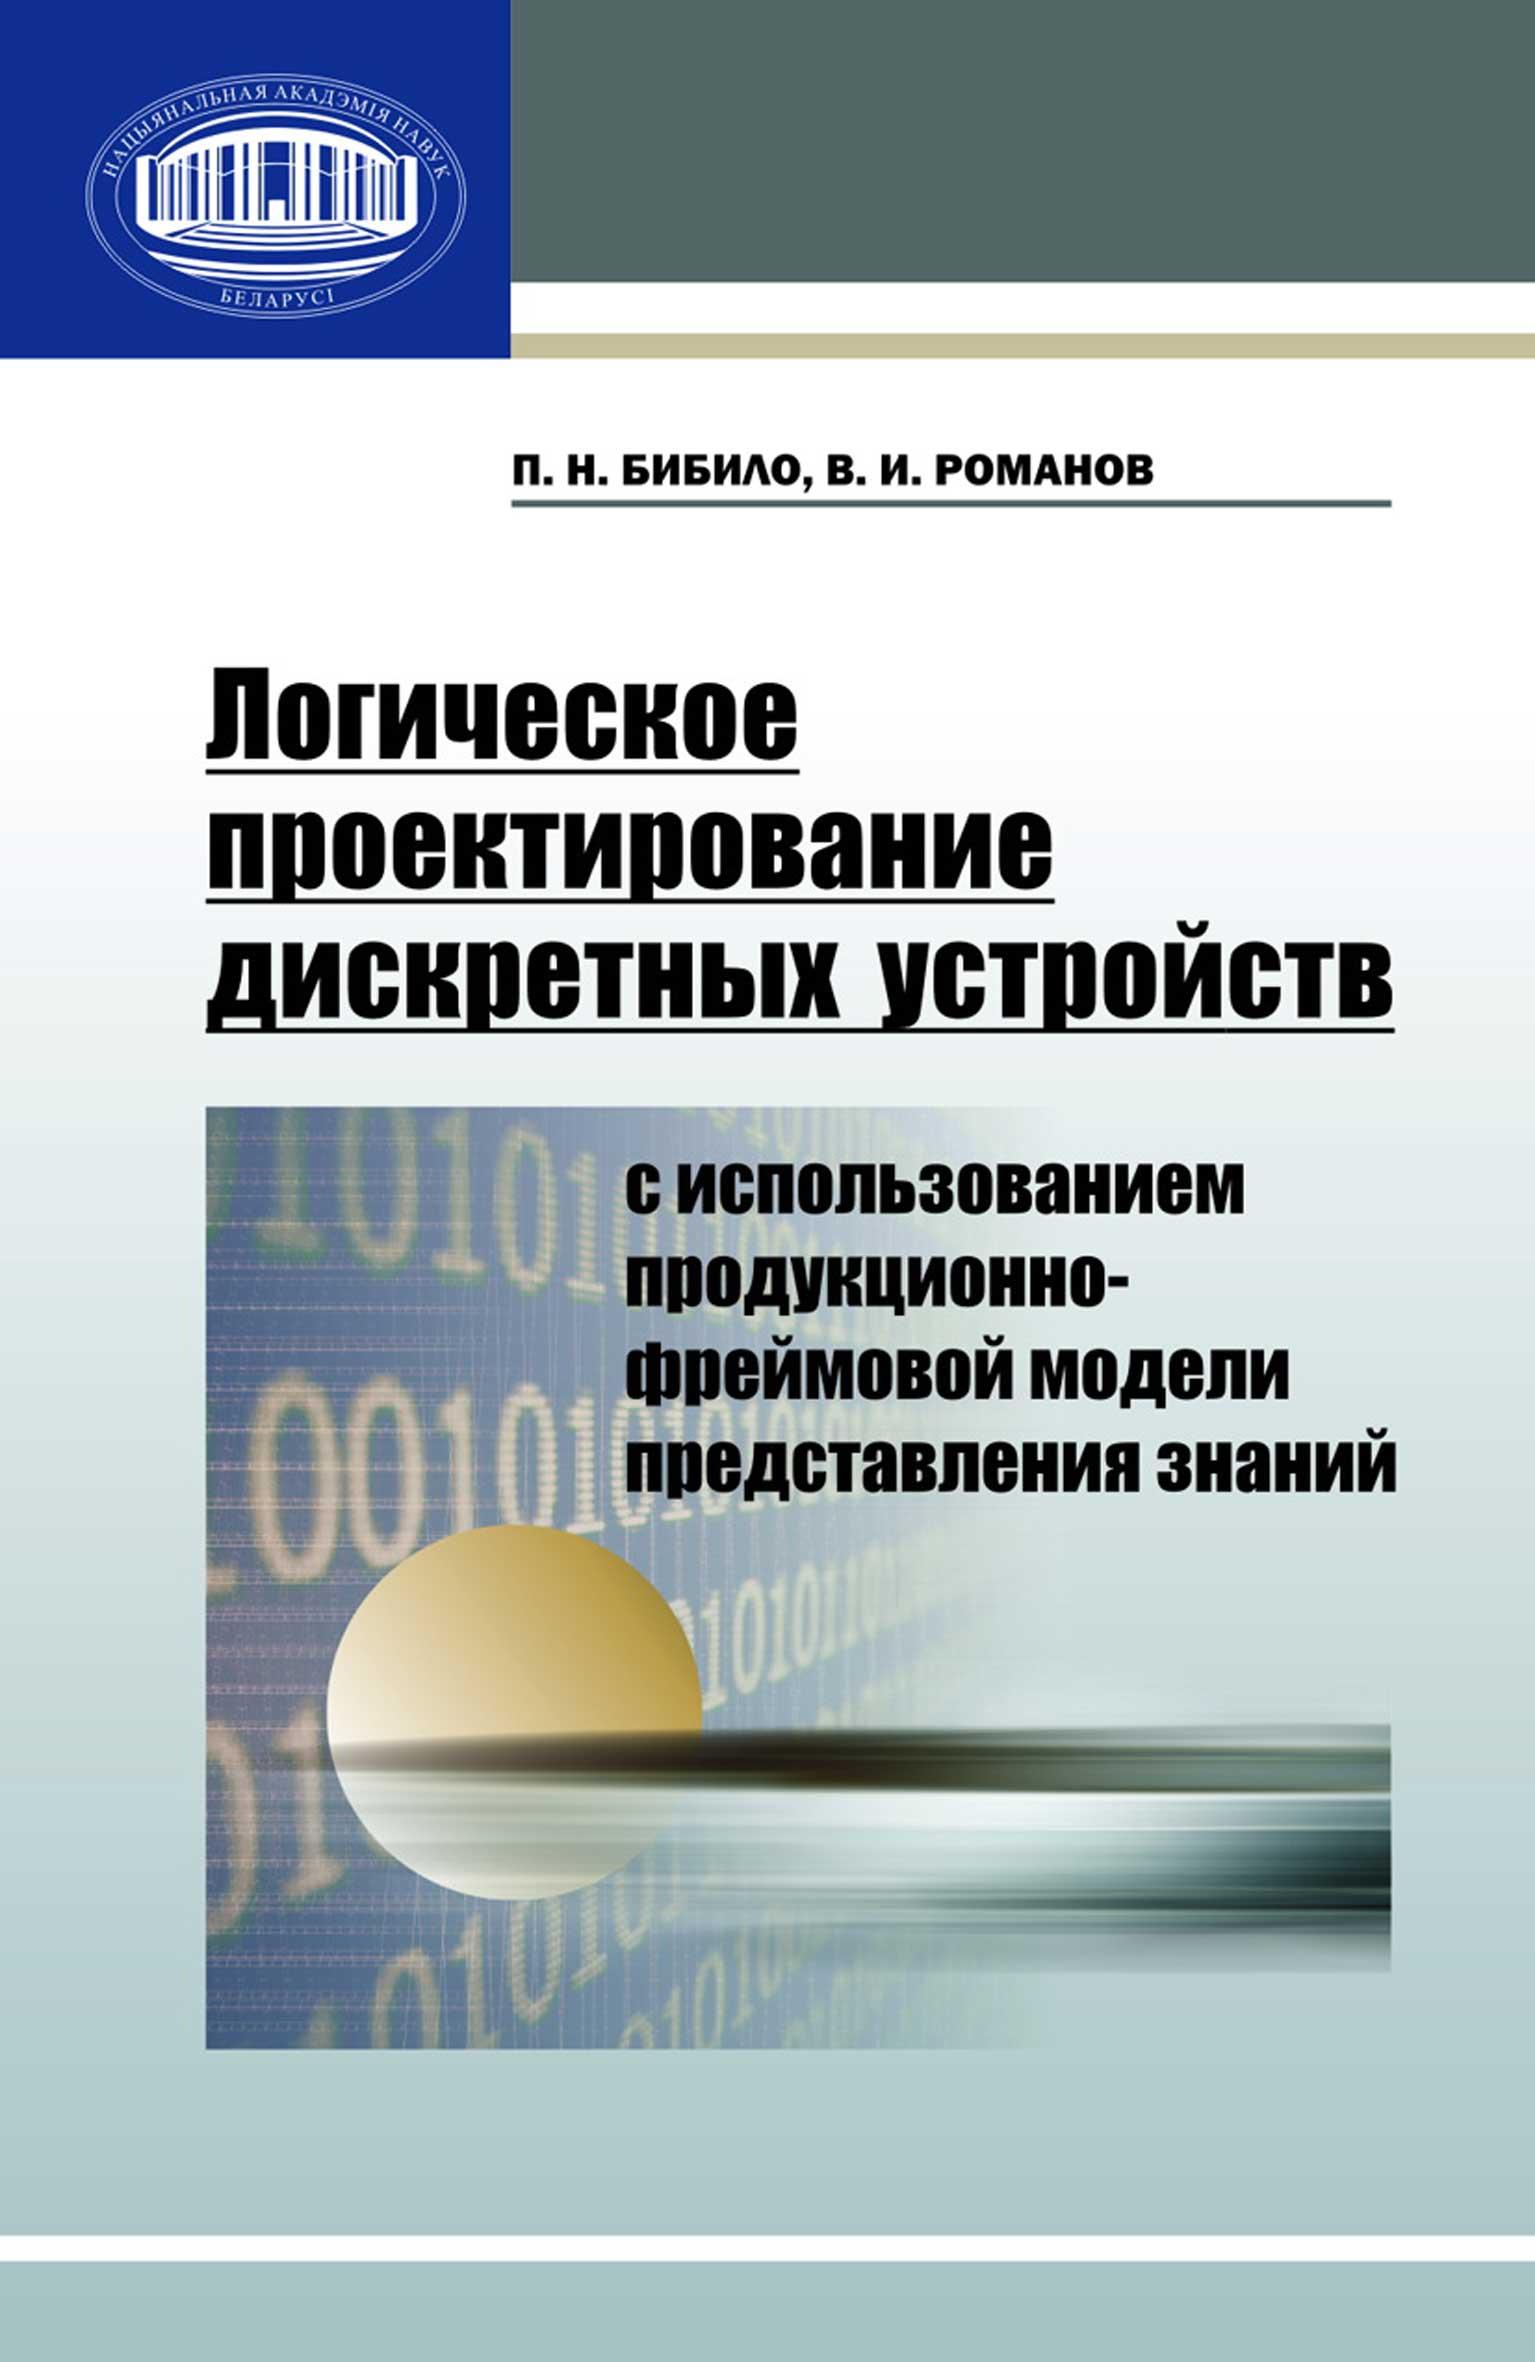 П. Н. Бибило Логическое проектирование дискретных устройств с использованием продукционно-фреймовой модели представления знаний